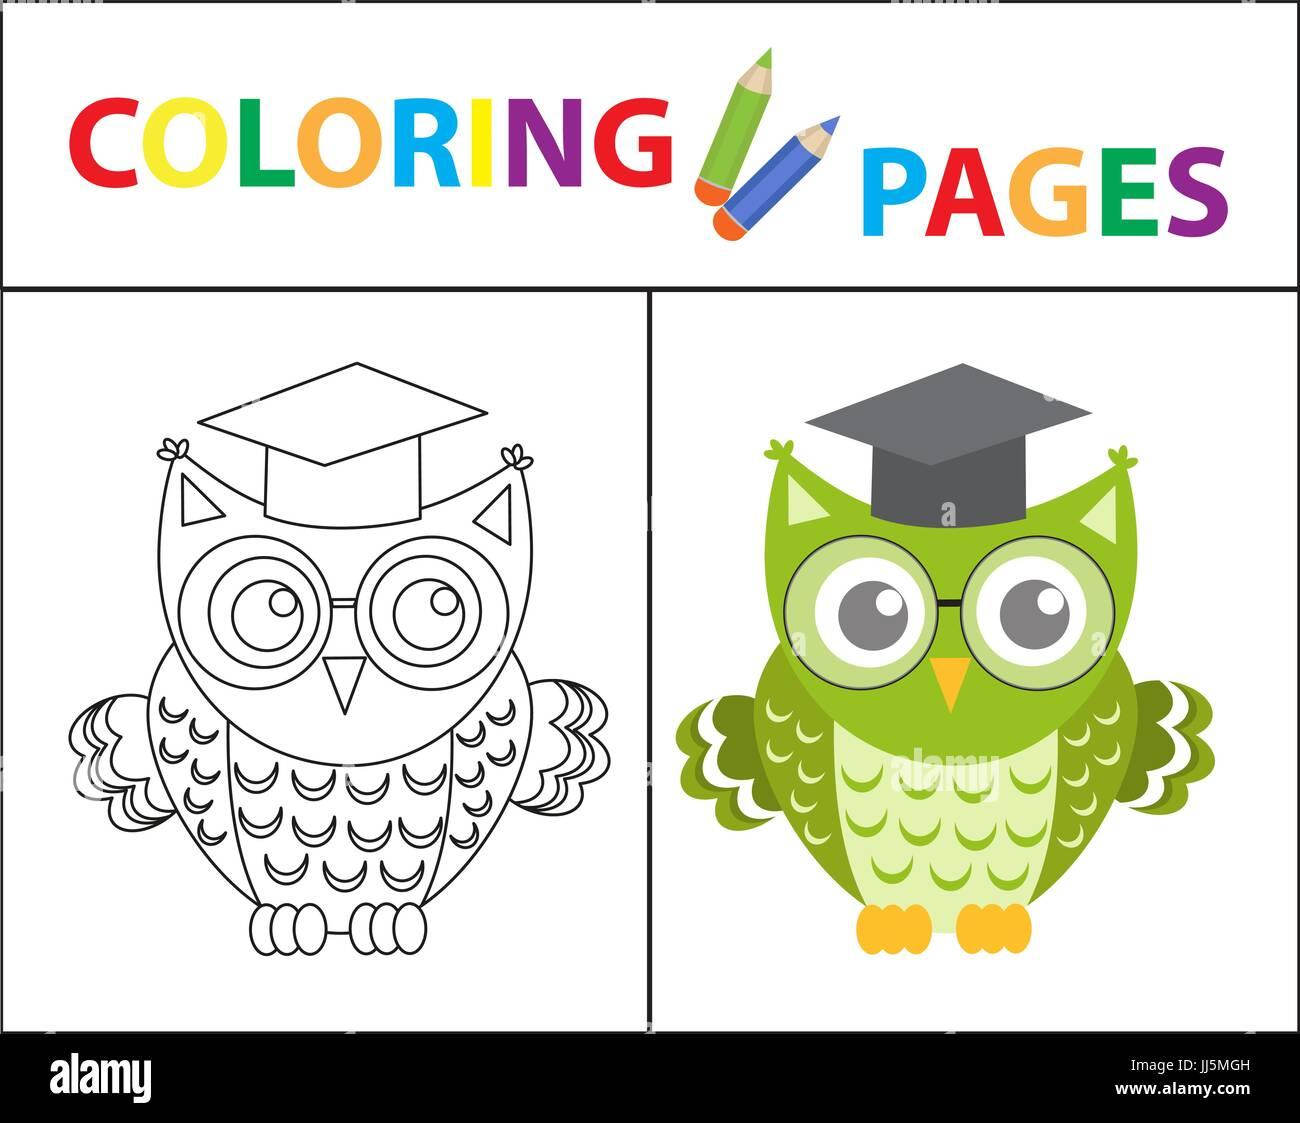 Libro Da Colorare Pagina Il Gufo Sapiente Indossando Occhiali Schizzo Outline E Versione A Colori Colorazione Per I Bambini Educazione Dei Bambini Illustrazione Vettoriale Immagine E Vettoriale Alamy